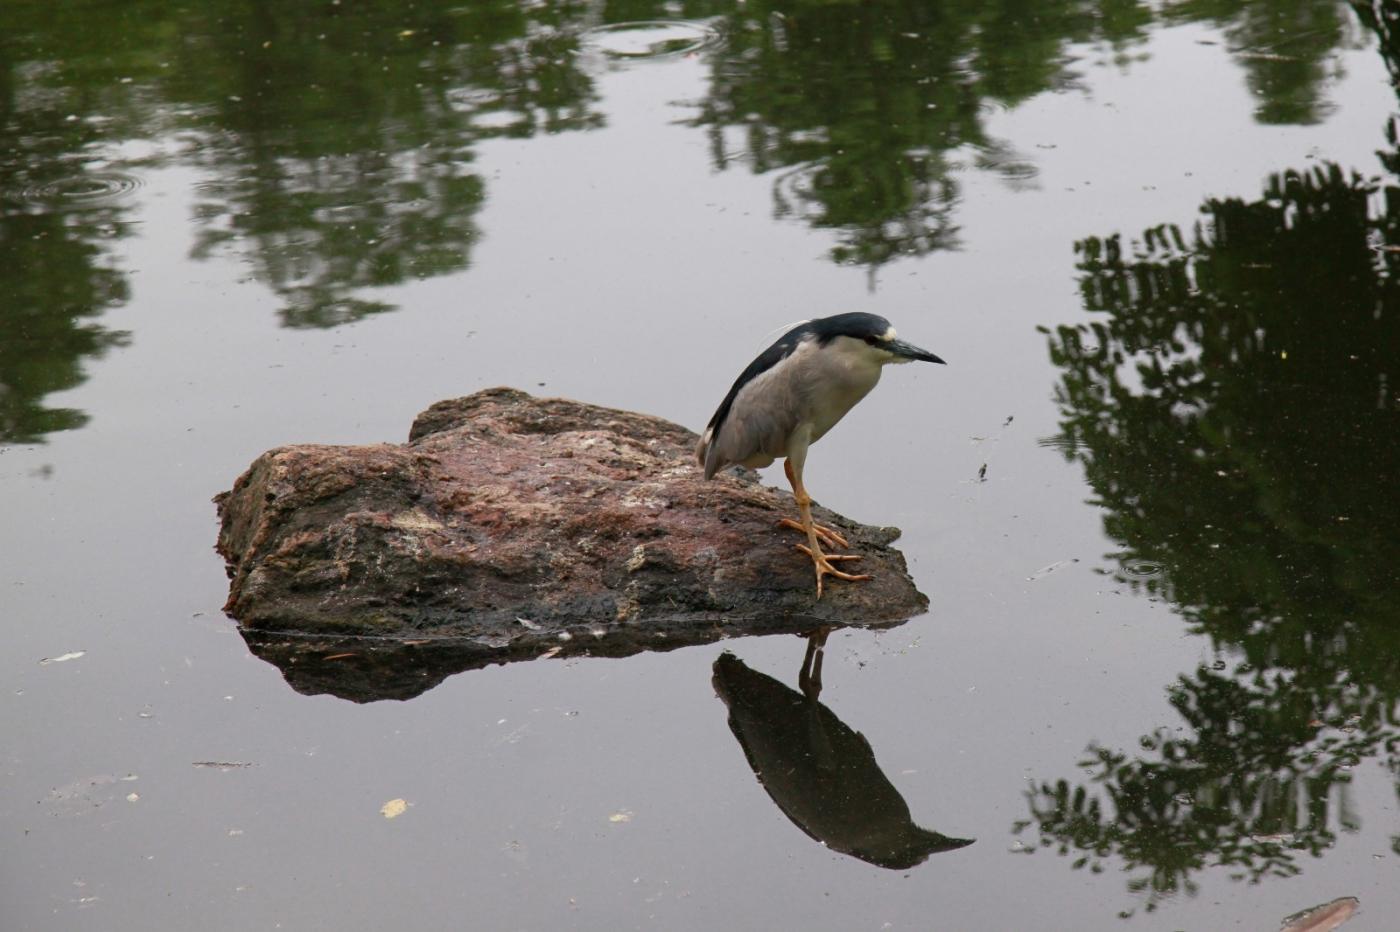 中央公园的白鹭,姿态优美,游客喜爱_图1-1